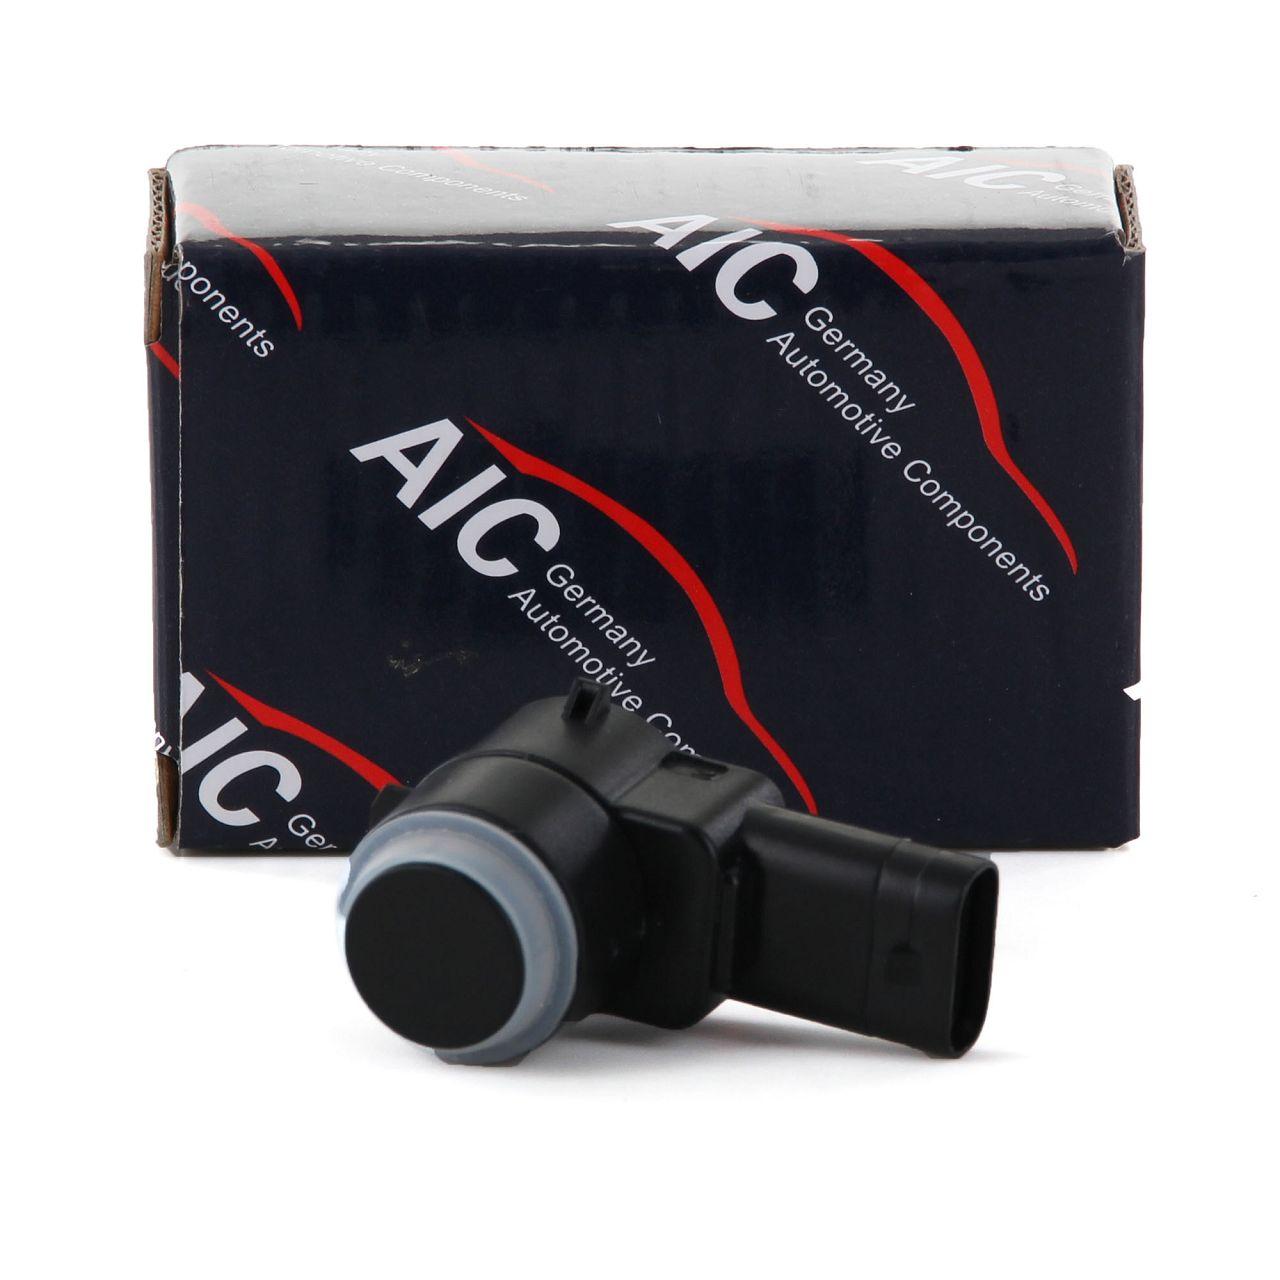 AIC Einparksensor PDC für MERCEDES W204 W211 X164 X204 W164 W251 V251 W221 uvm.